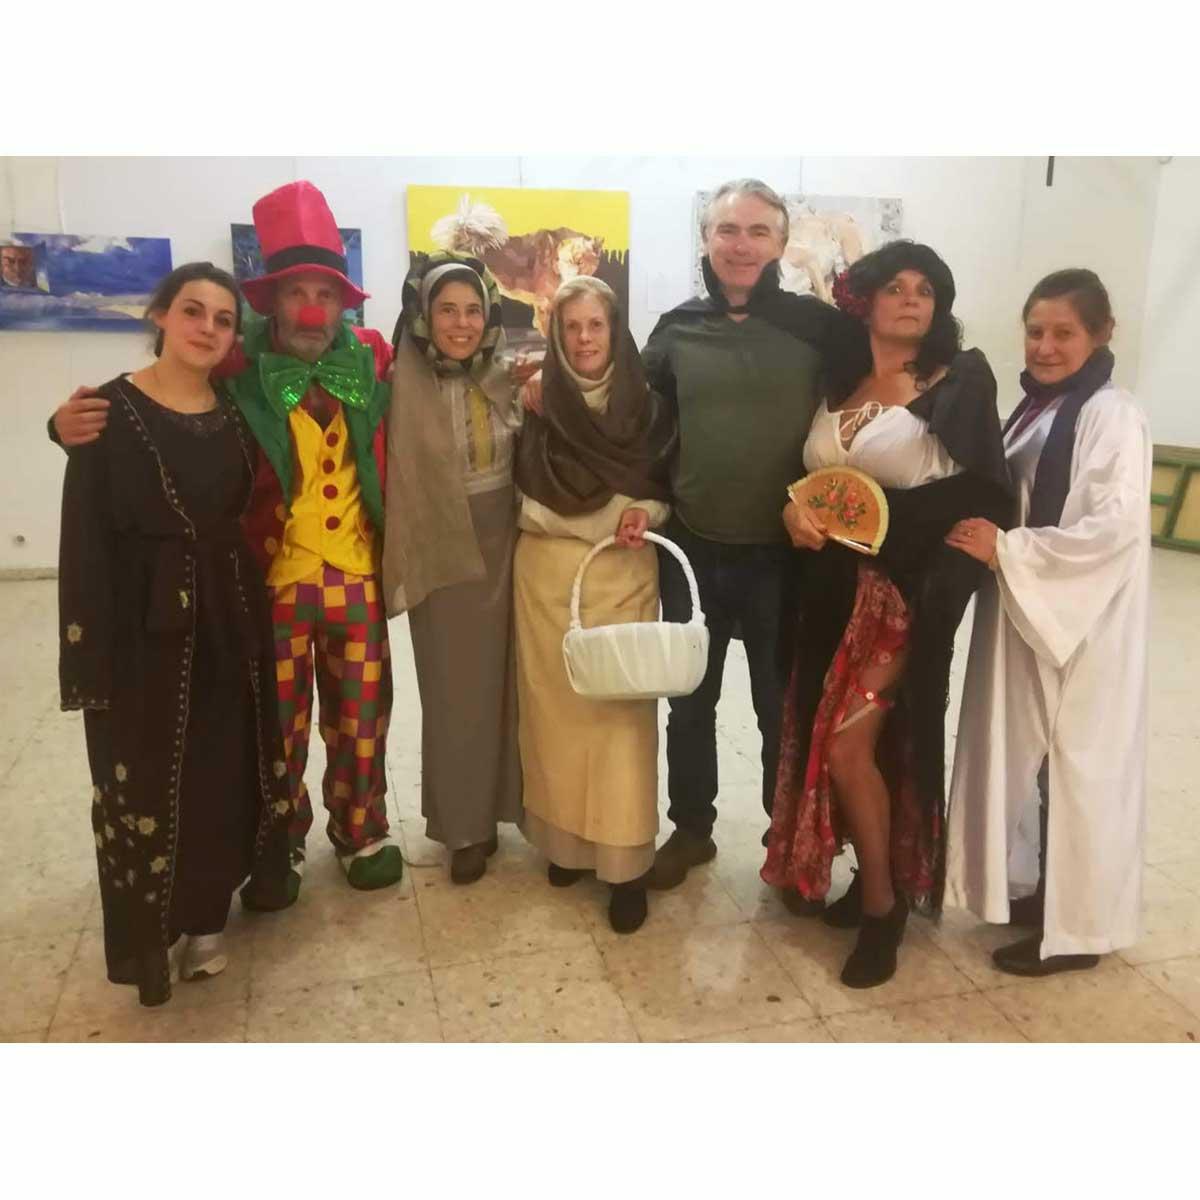 Compañía Candilejas (Manzanares El Real)